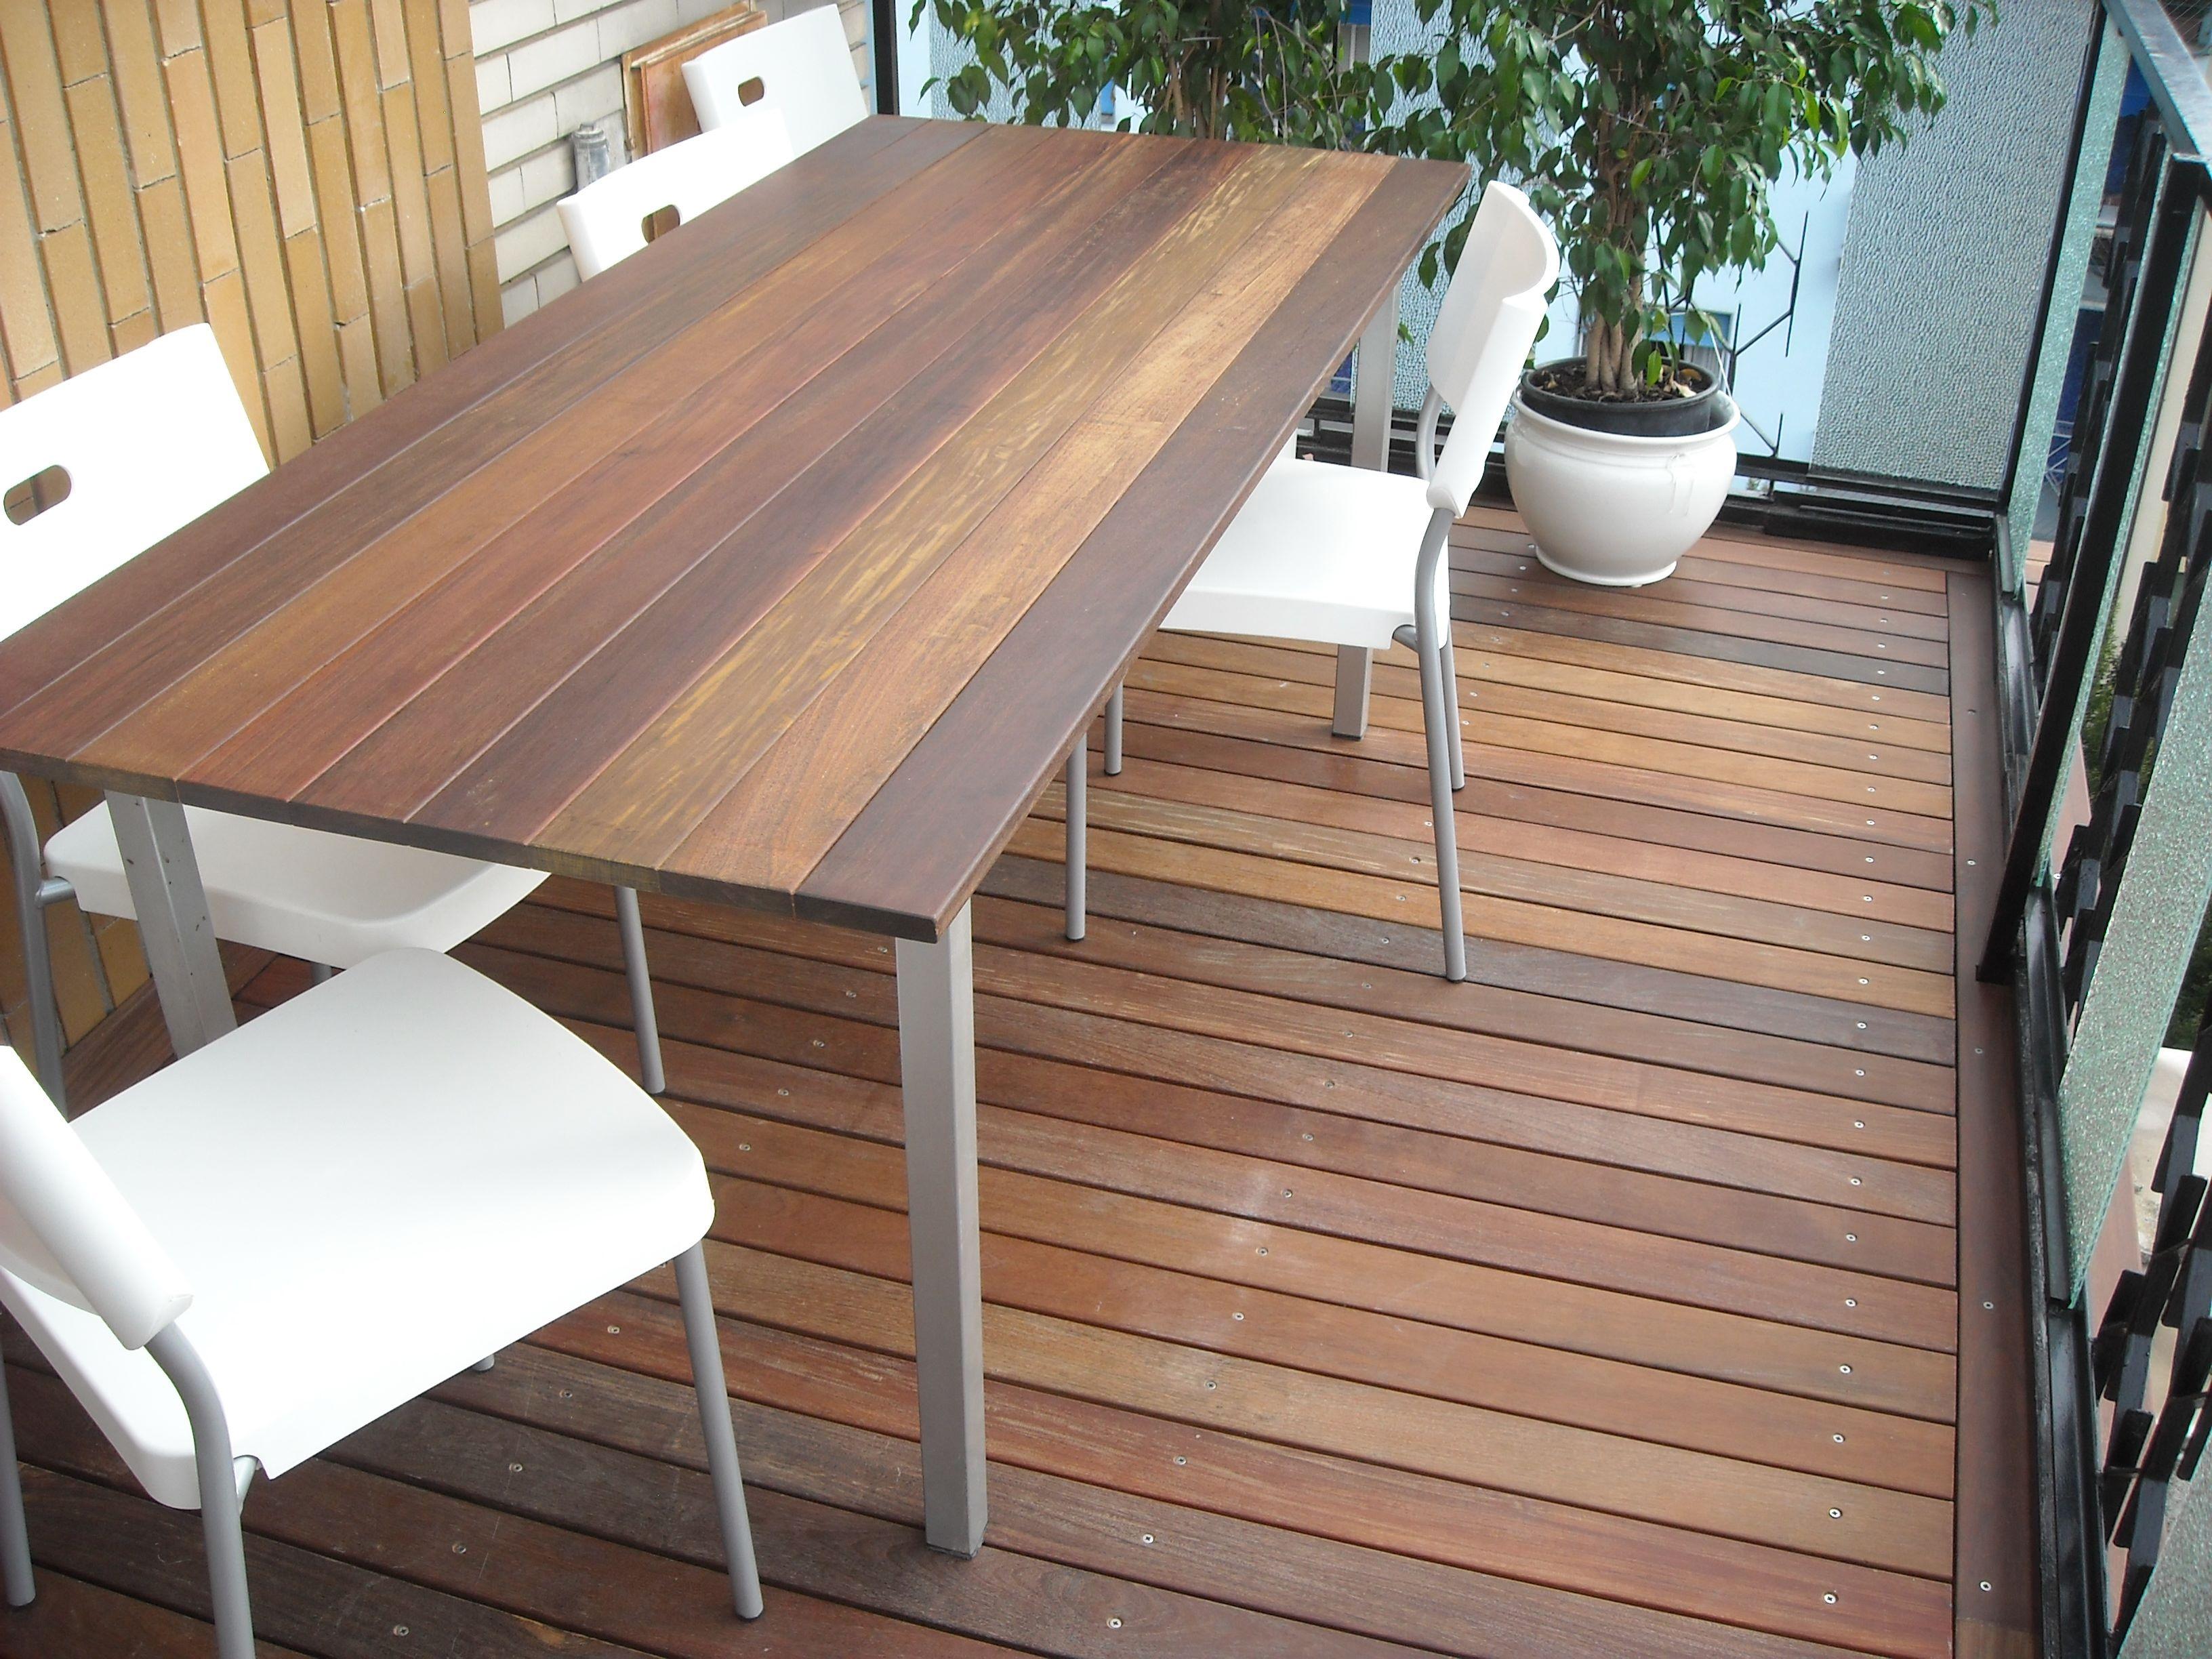 Pavimenti in legno per esterni Alessandria